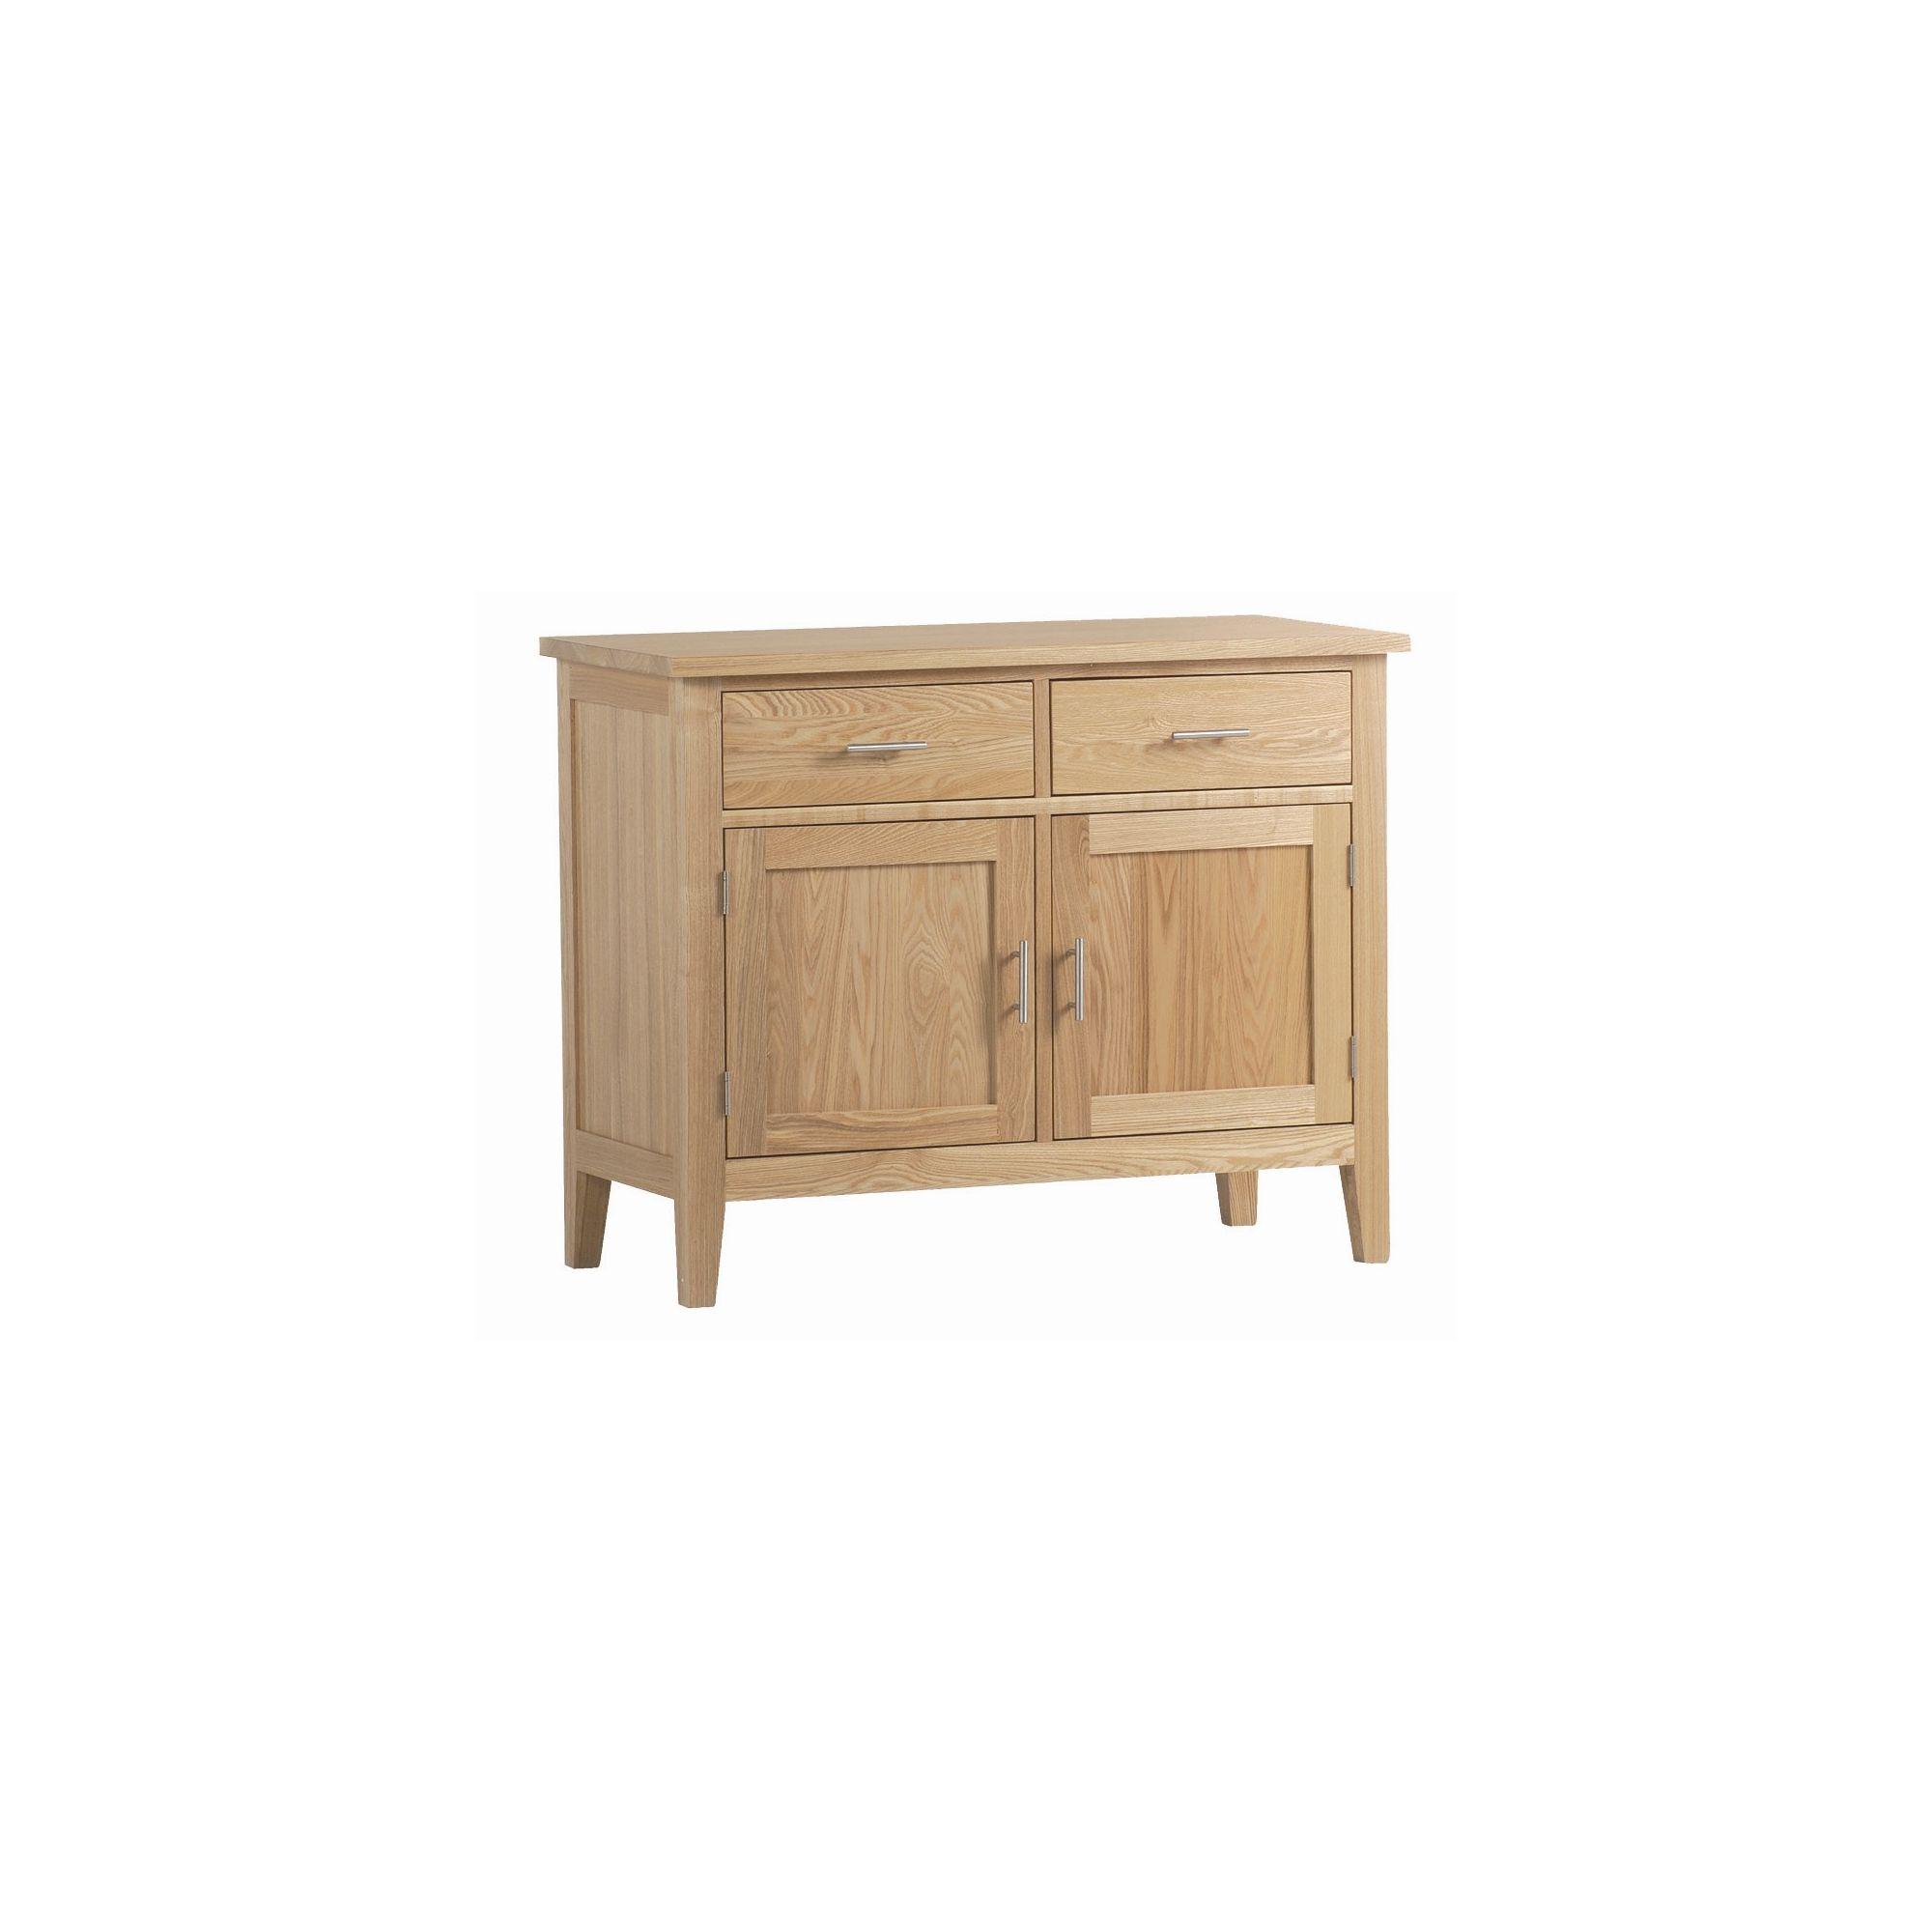 Kelburn Furniture Carlton Ash 2 Door Sideboard with 2 Drawers at Tesco Direct